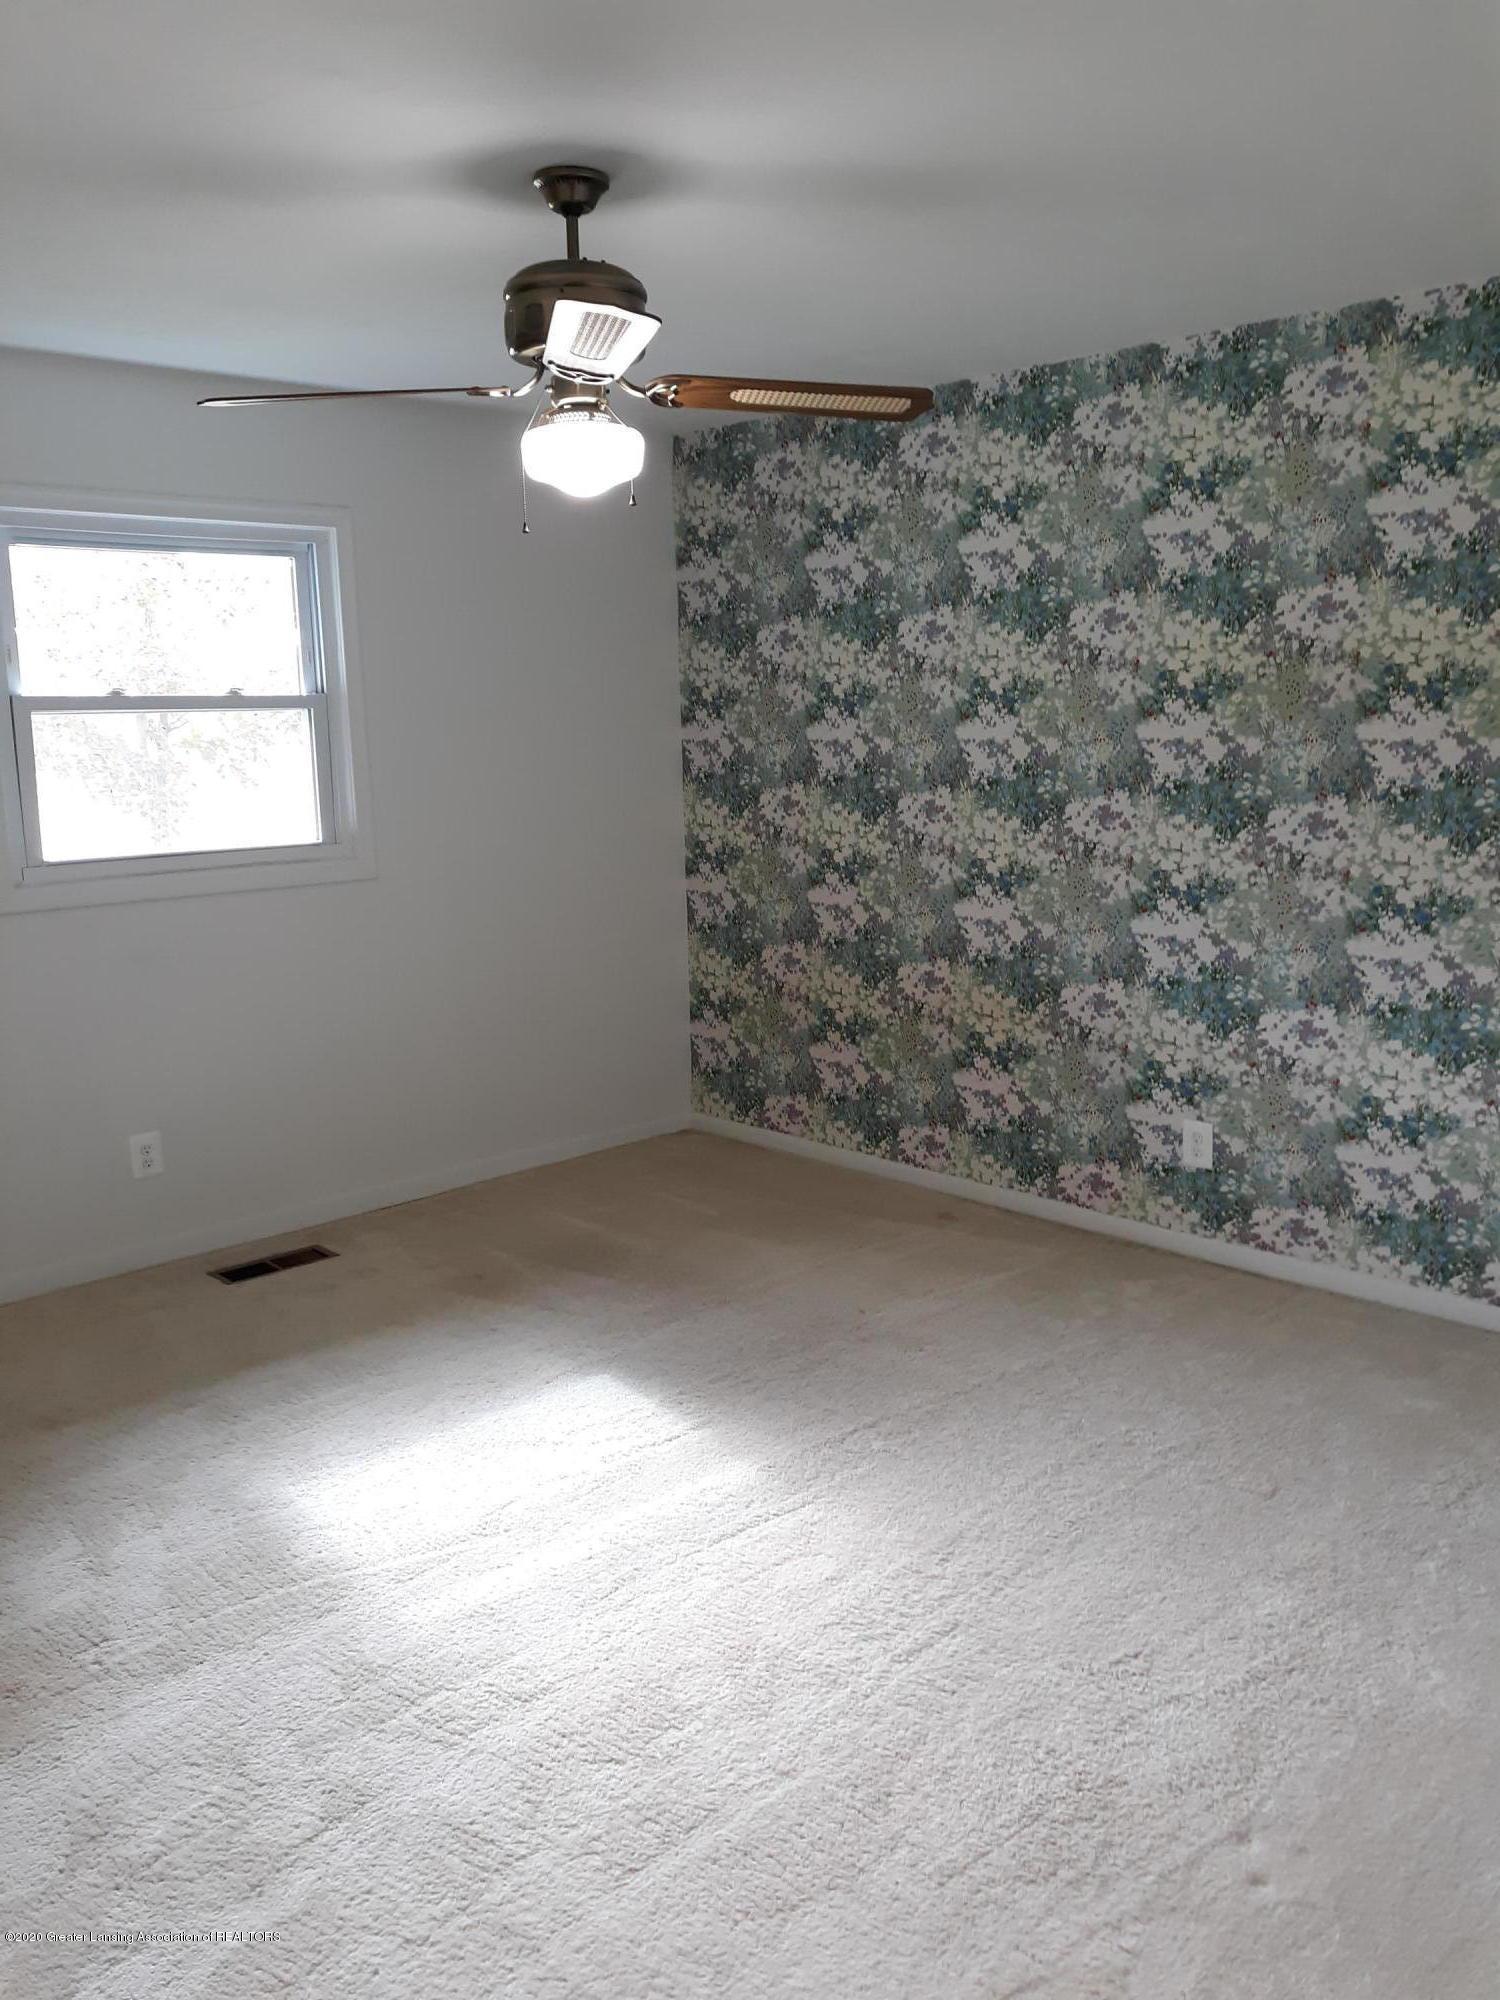 865 Barry Rd - Bedroom #2 - 18